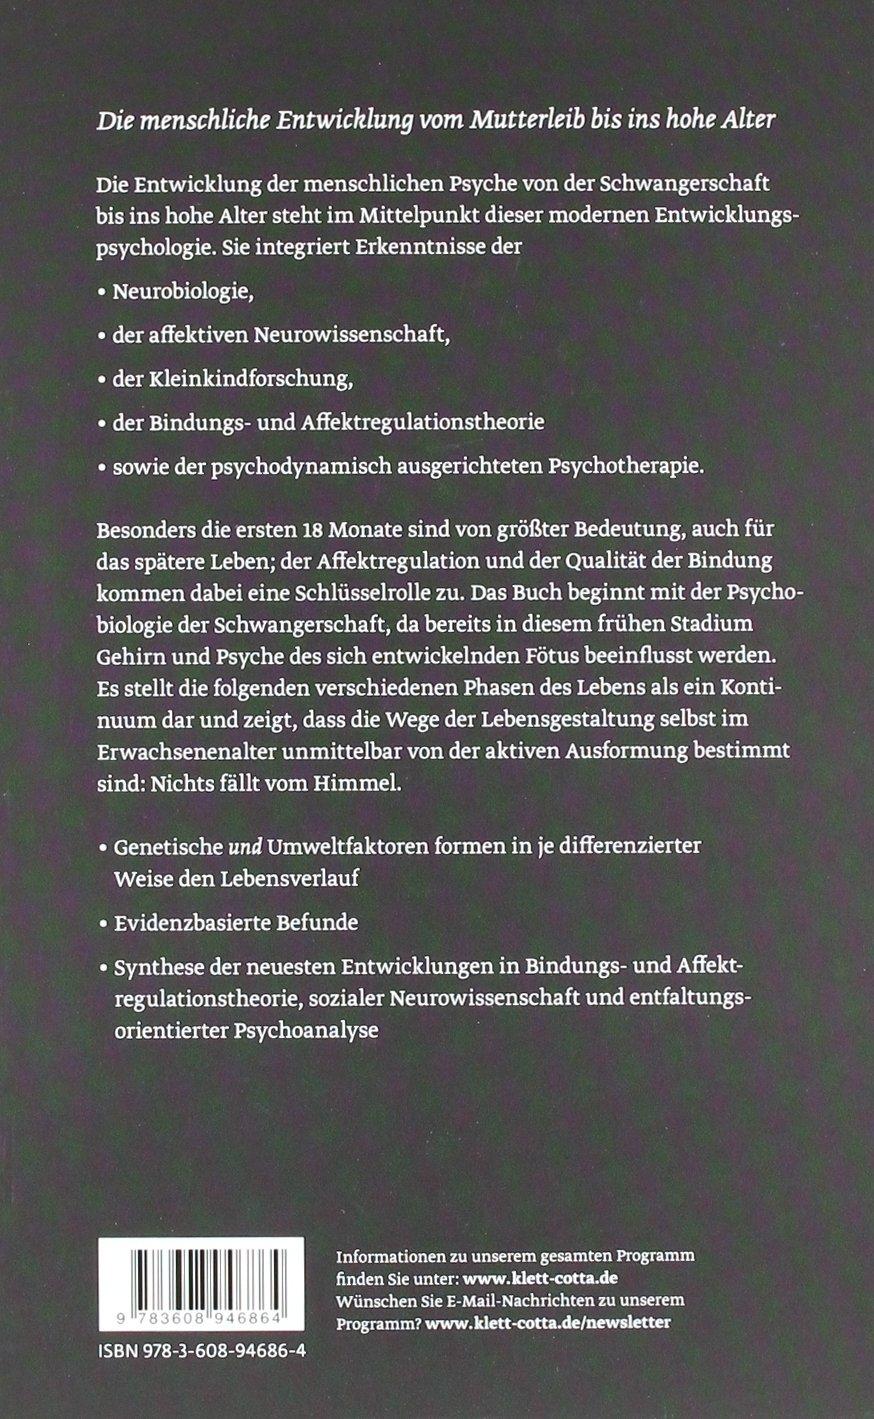 Nett Laden Sie Meinen Lebenslauf Von Naukri Herunter Bilder - Entry ...